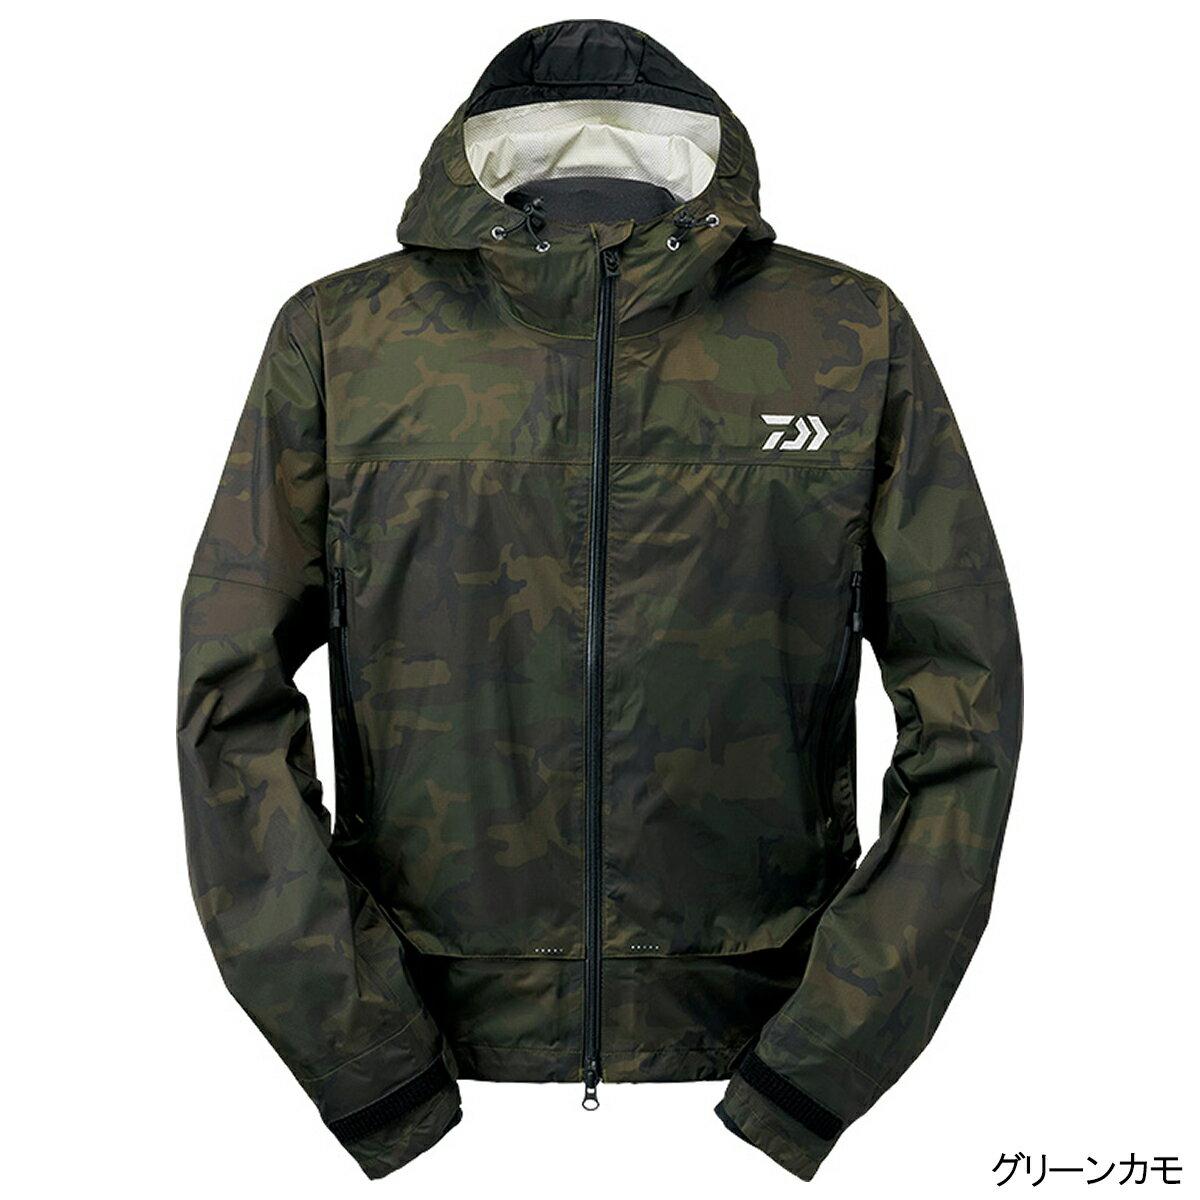 ダイワ レインマックス ショートレインジャケット DR-39009J M グリーンカモ【送料無料】